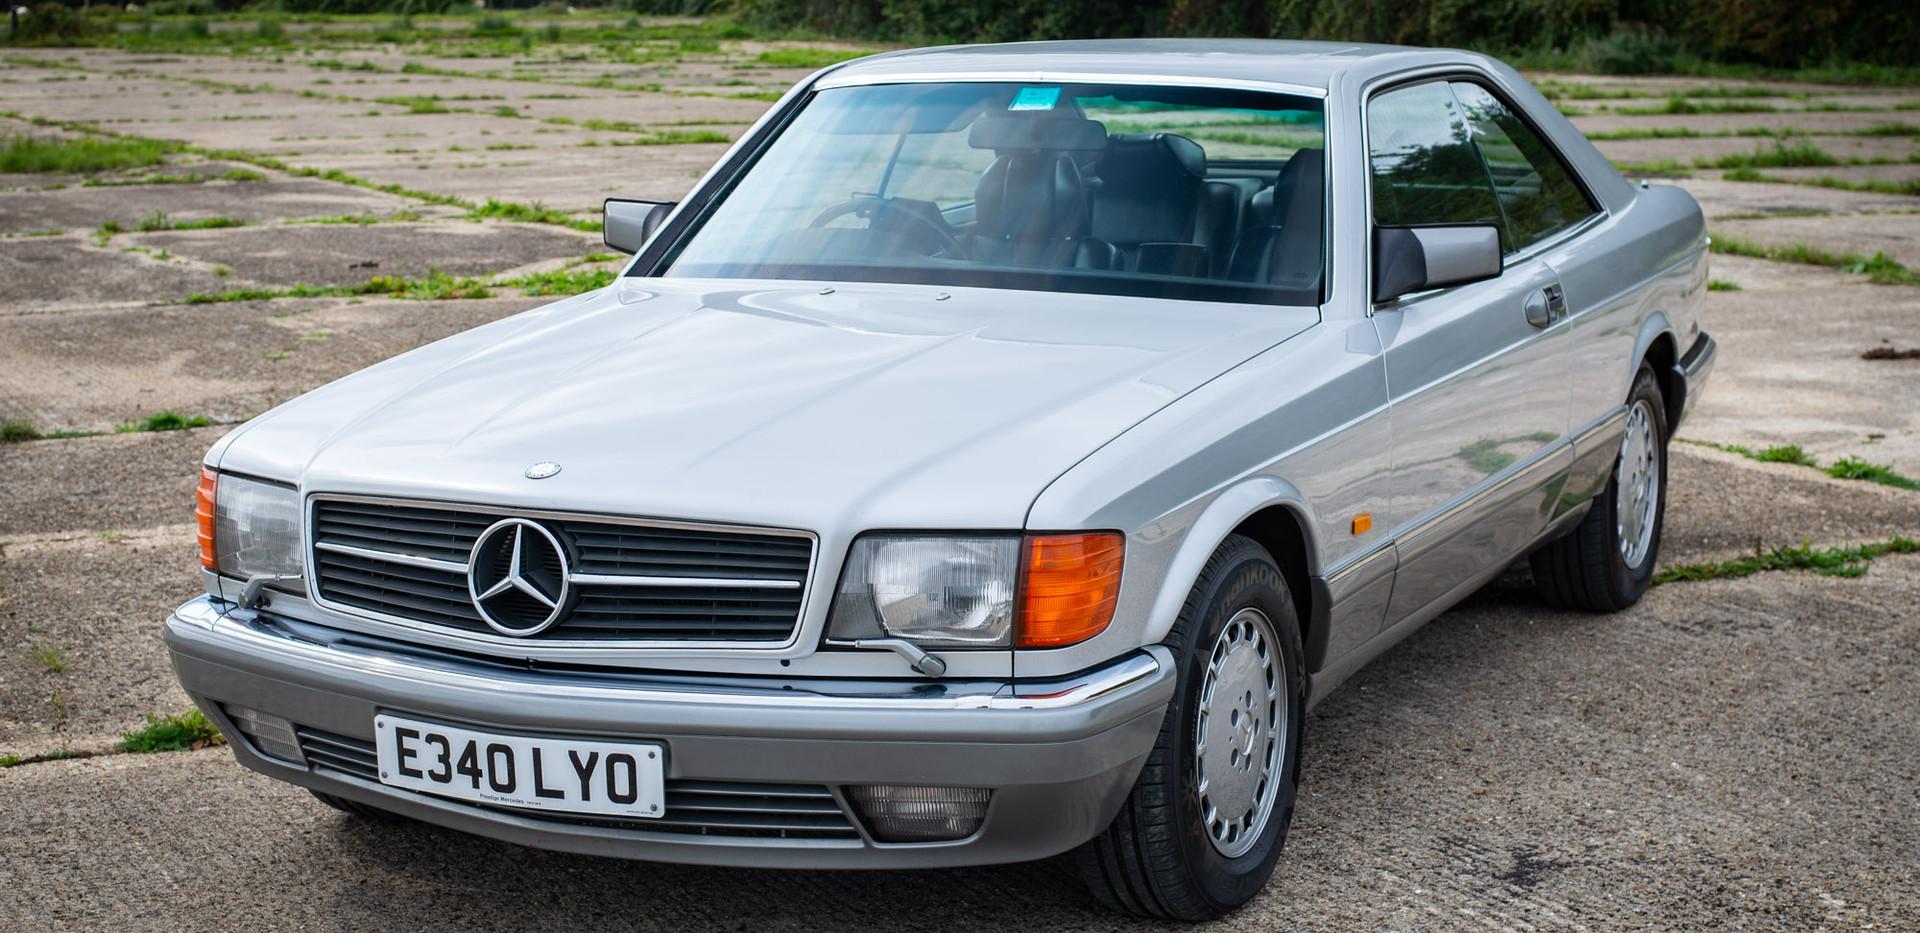 W126 420SEC - Uk for sale london-6.jpg